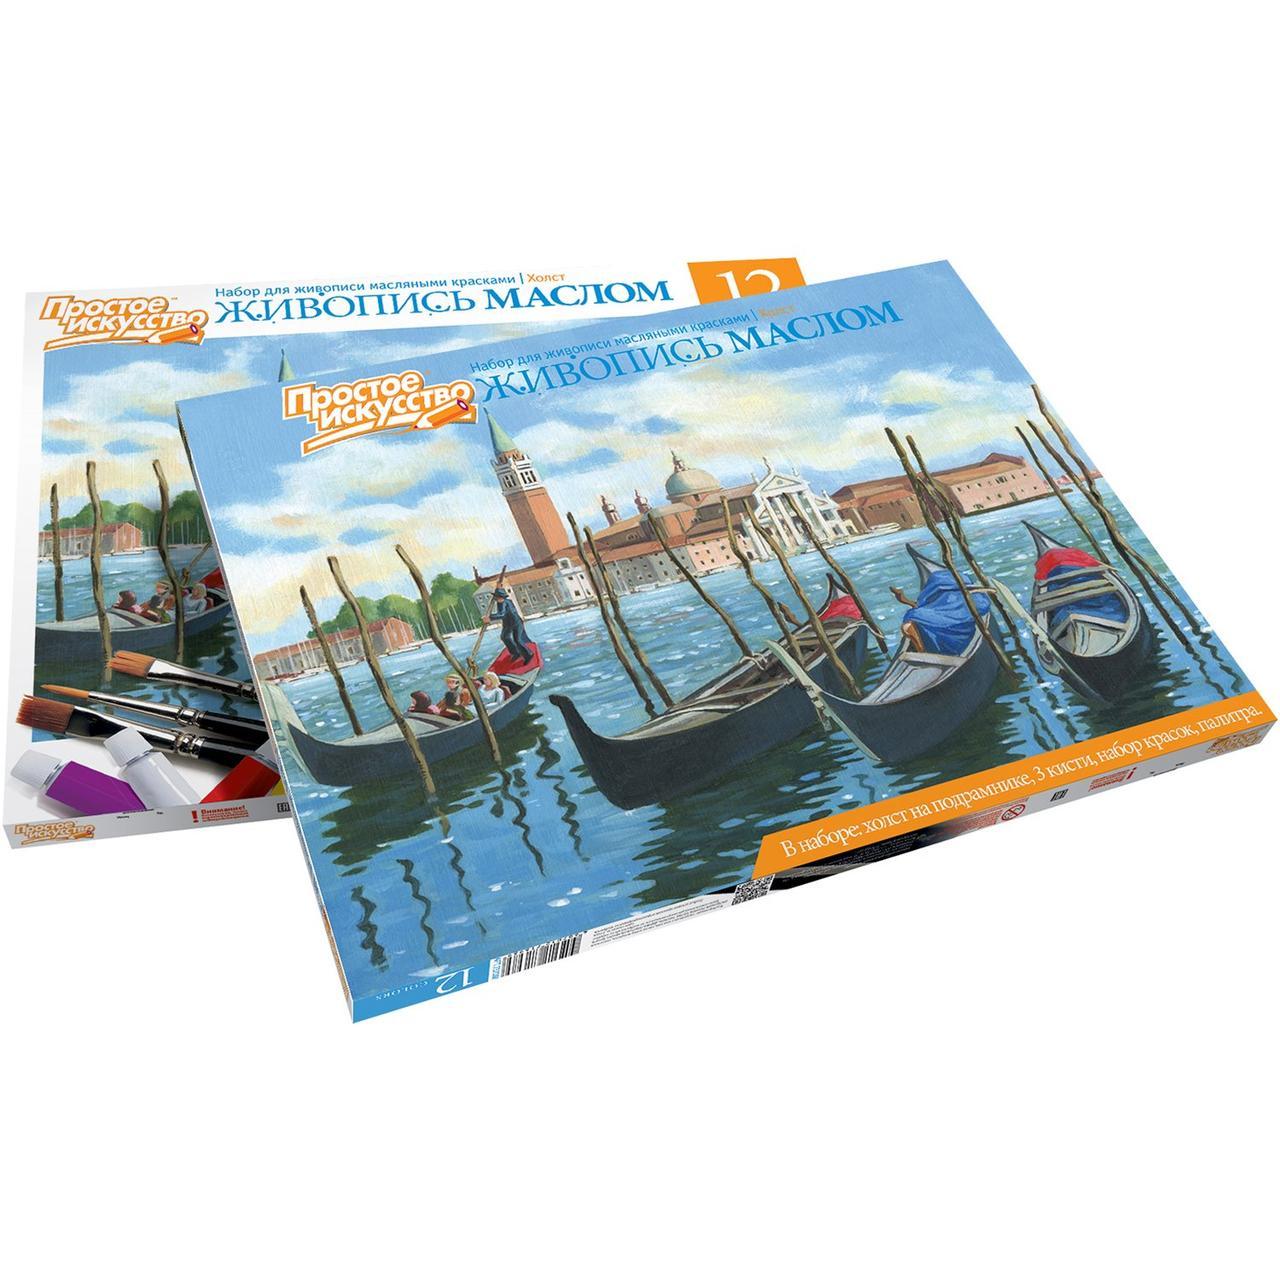 Фантазёр 737001 Набор для живописи на холсте масляными красками «Венеция»